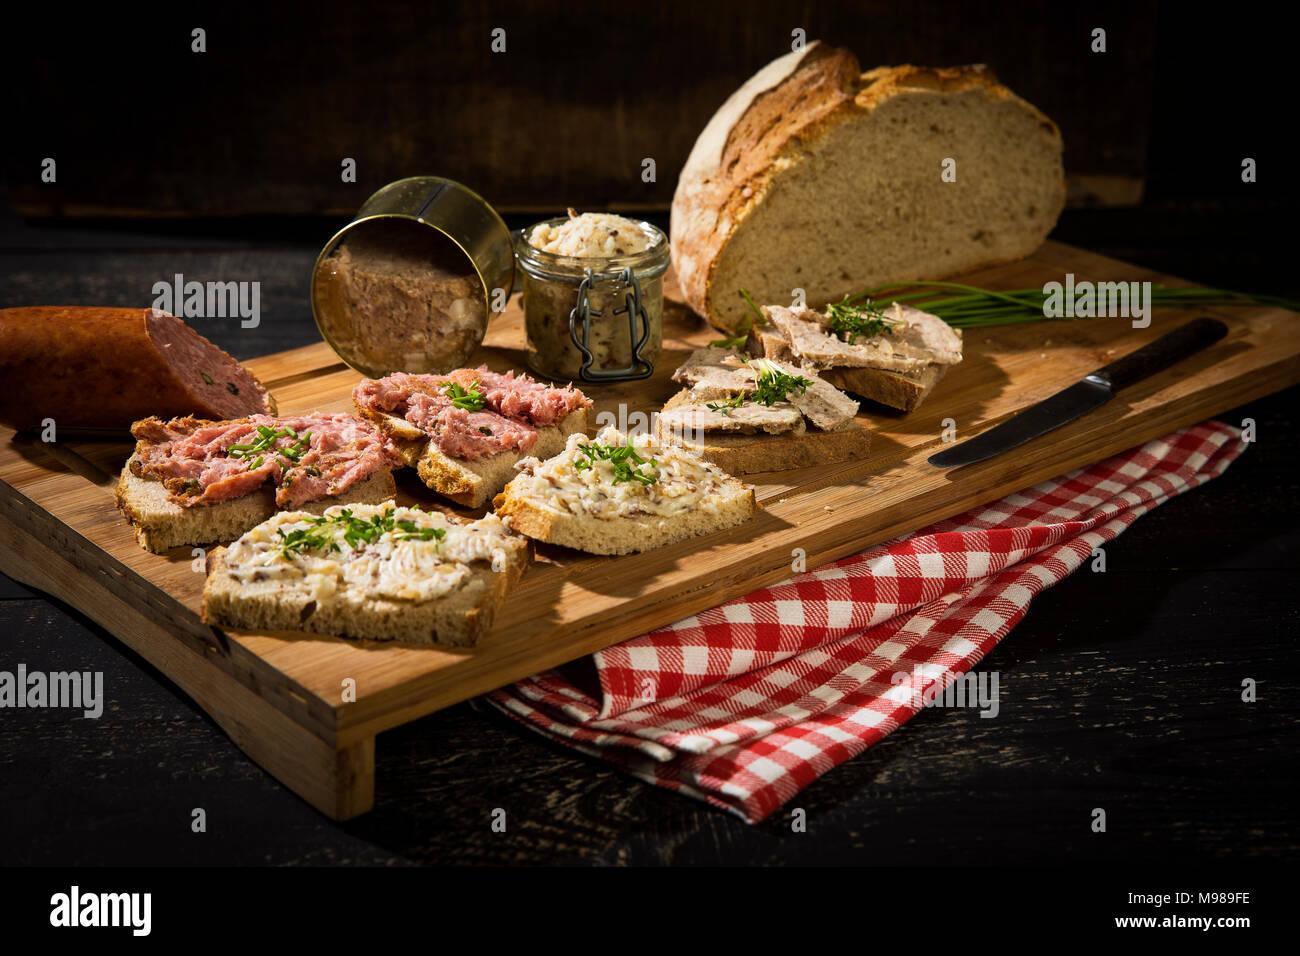 Knuspriges Brot, Knistern Fett, Leberwurst, Hackfleisch und Wurst aus Schweinefleisch Stockbild